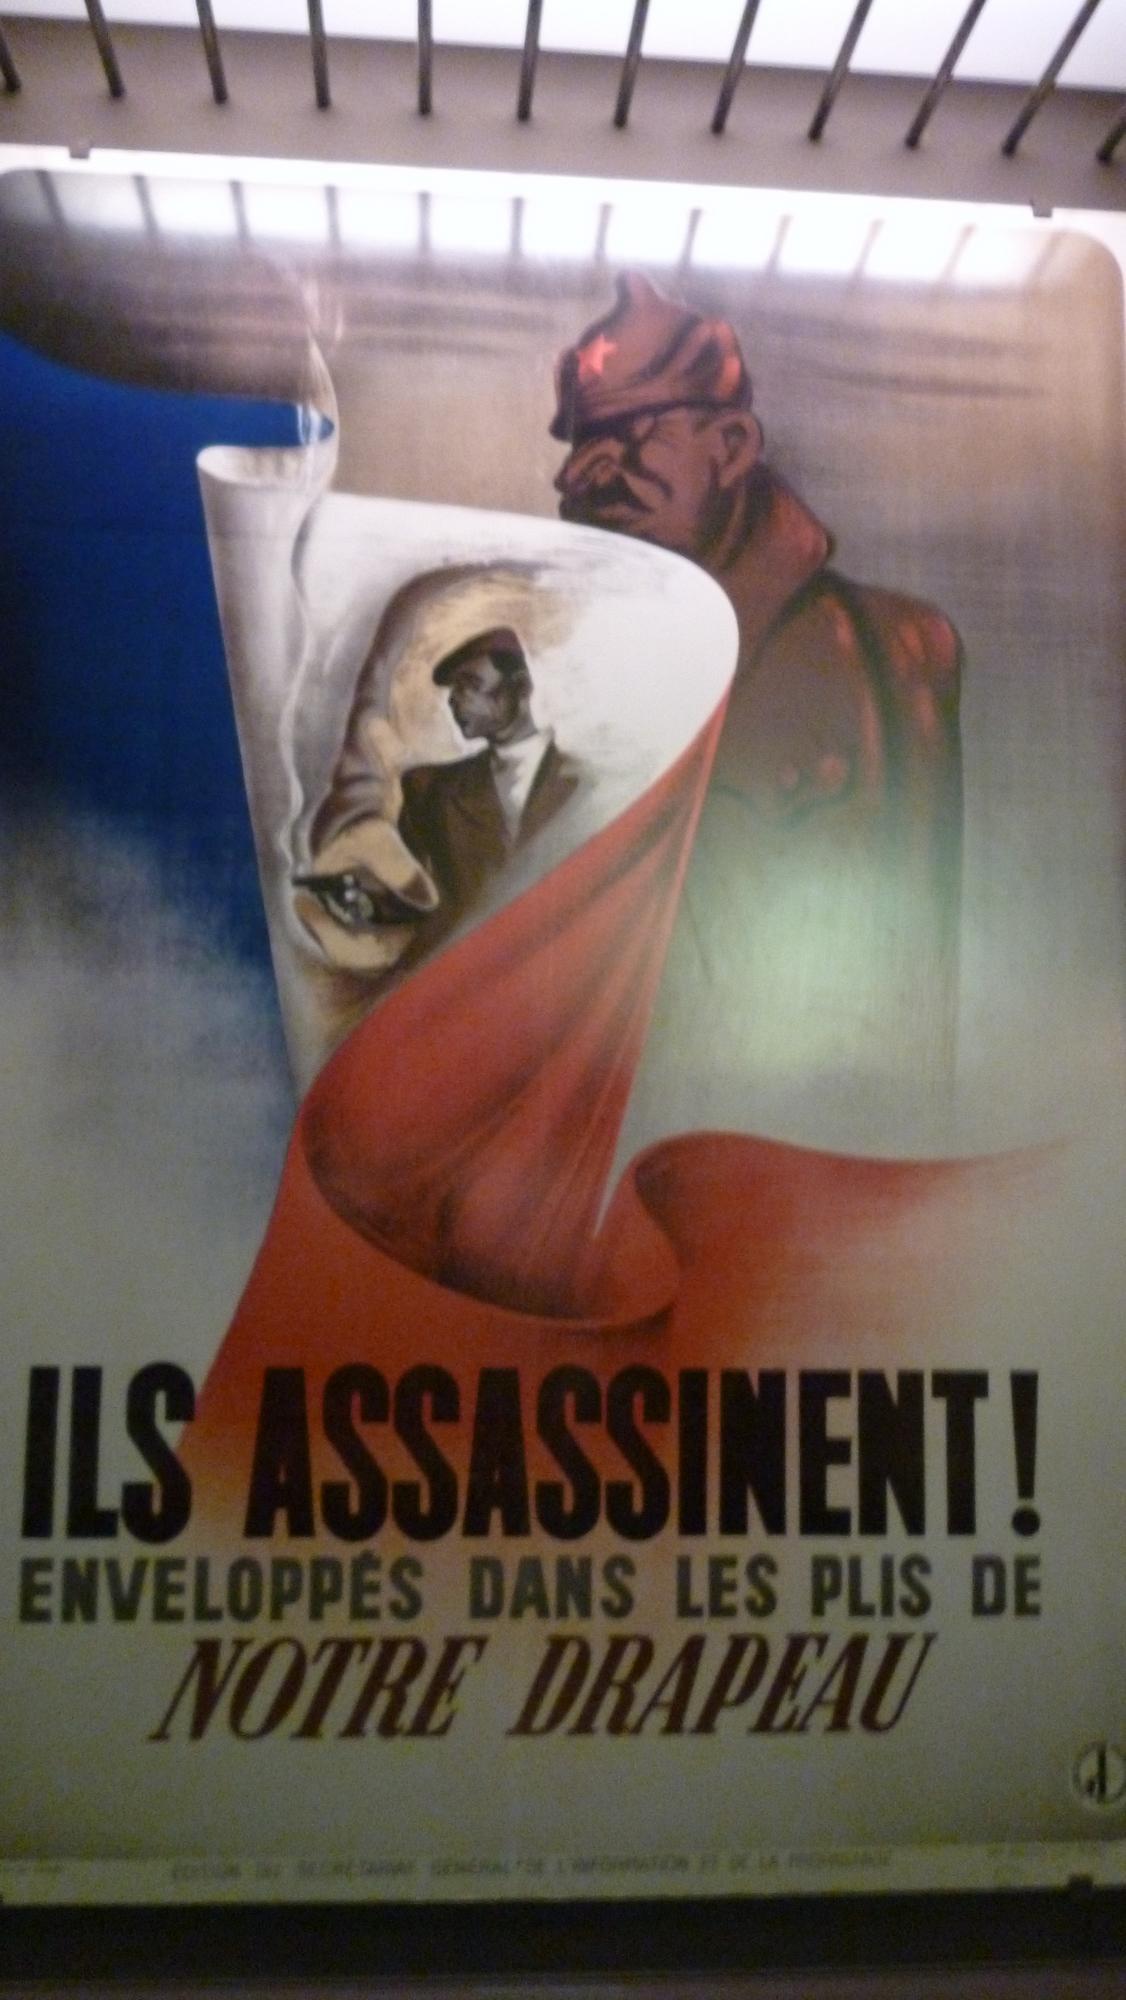 Německý propagandistický plakát